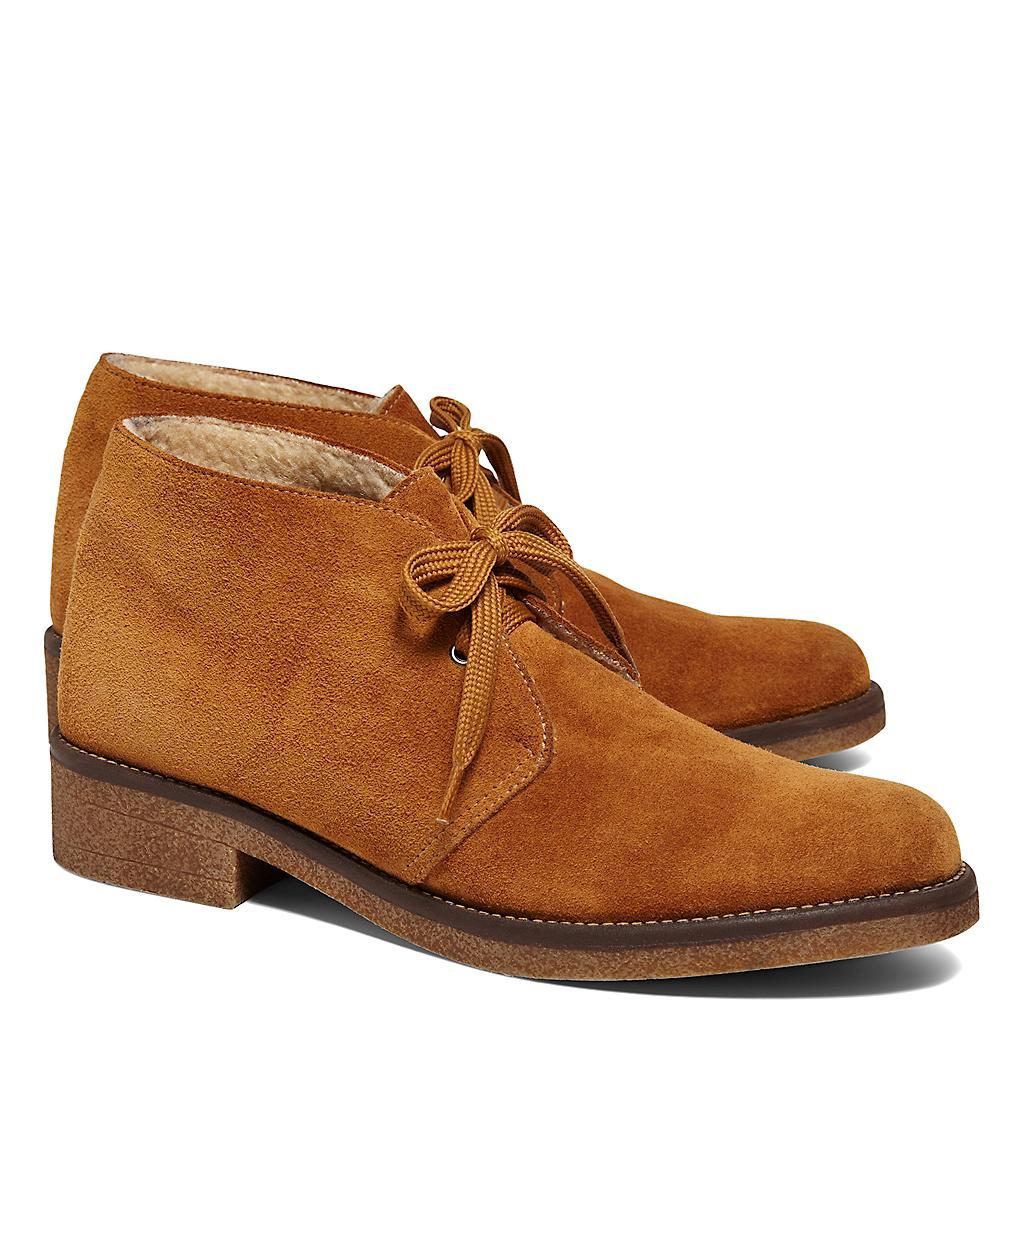 brothers calfskin suede desert heel boot in brown